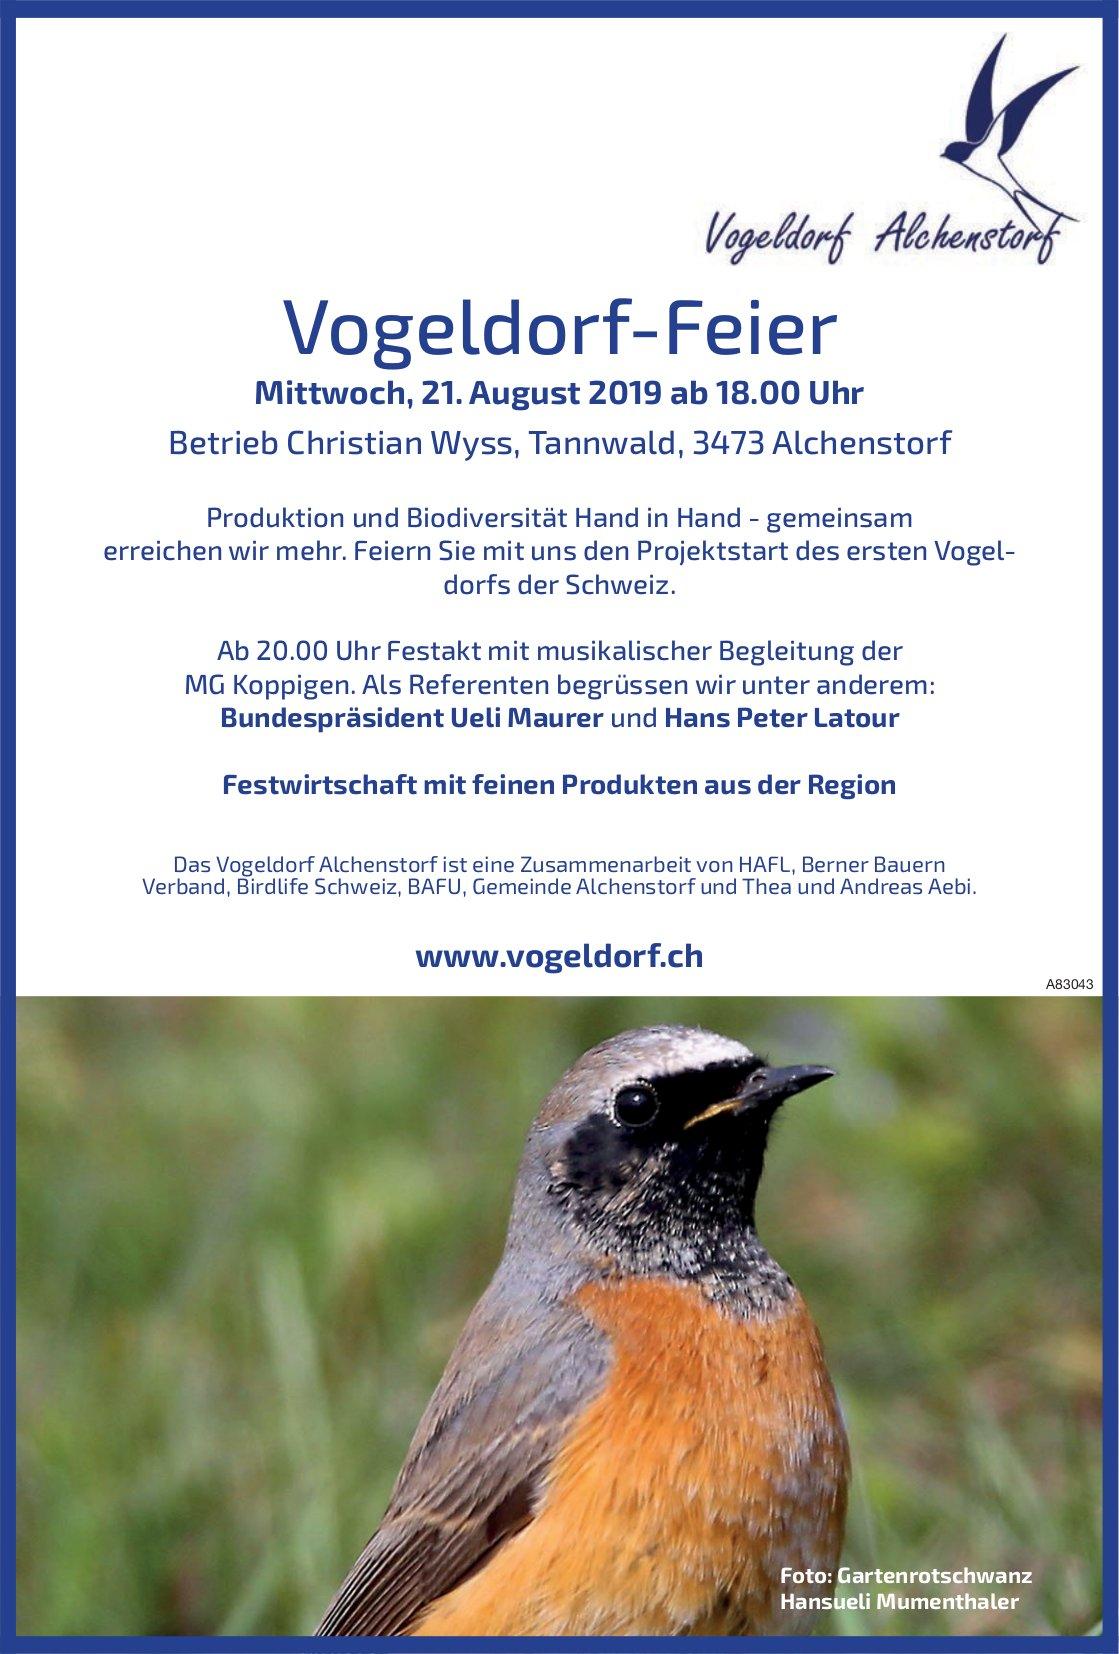 Vogeldorf-Feier am 21. August